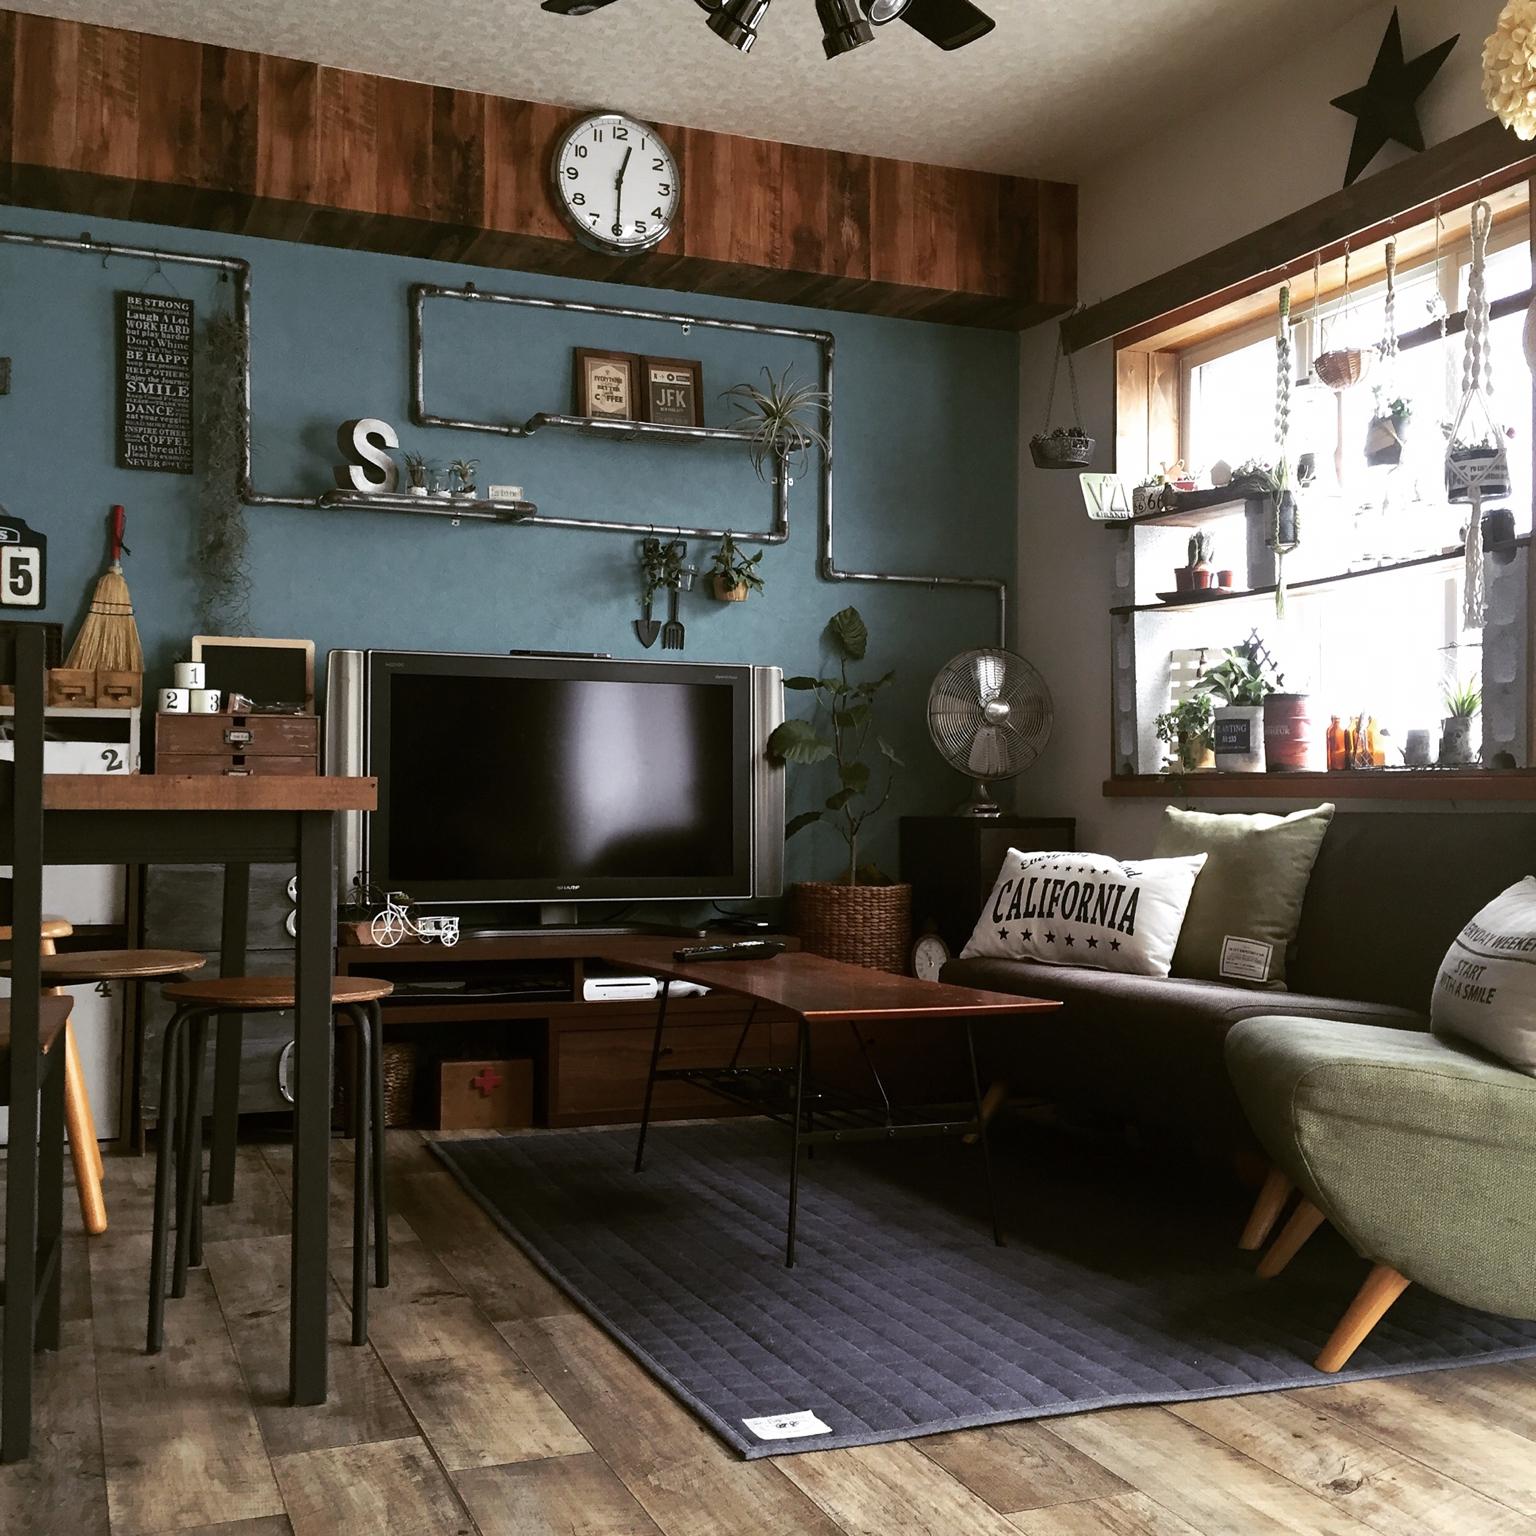 女性で、3LDK、家族住まいのクッションフロア/壁紙屋本舗/多肉植物/古材風/木目壁紙/DIY棚…などについてのインテリア実例を紹介。